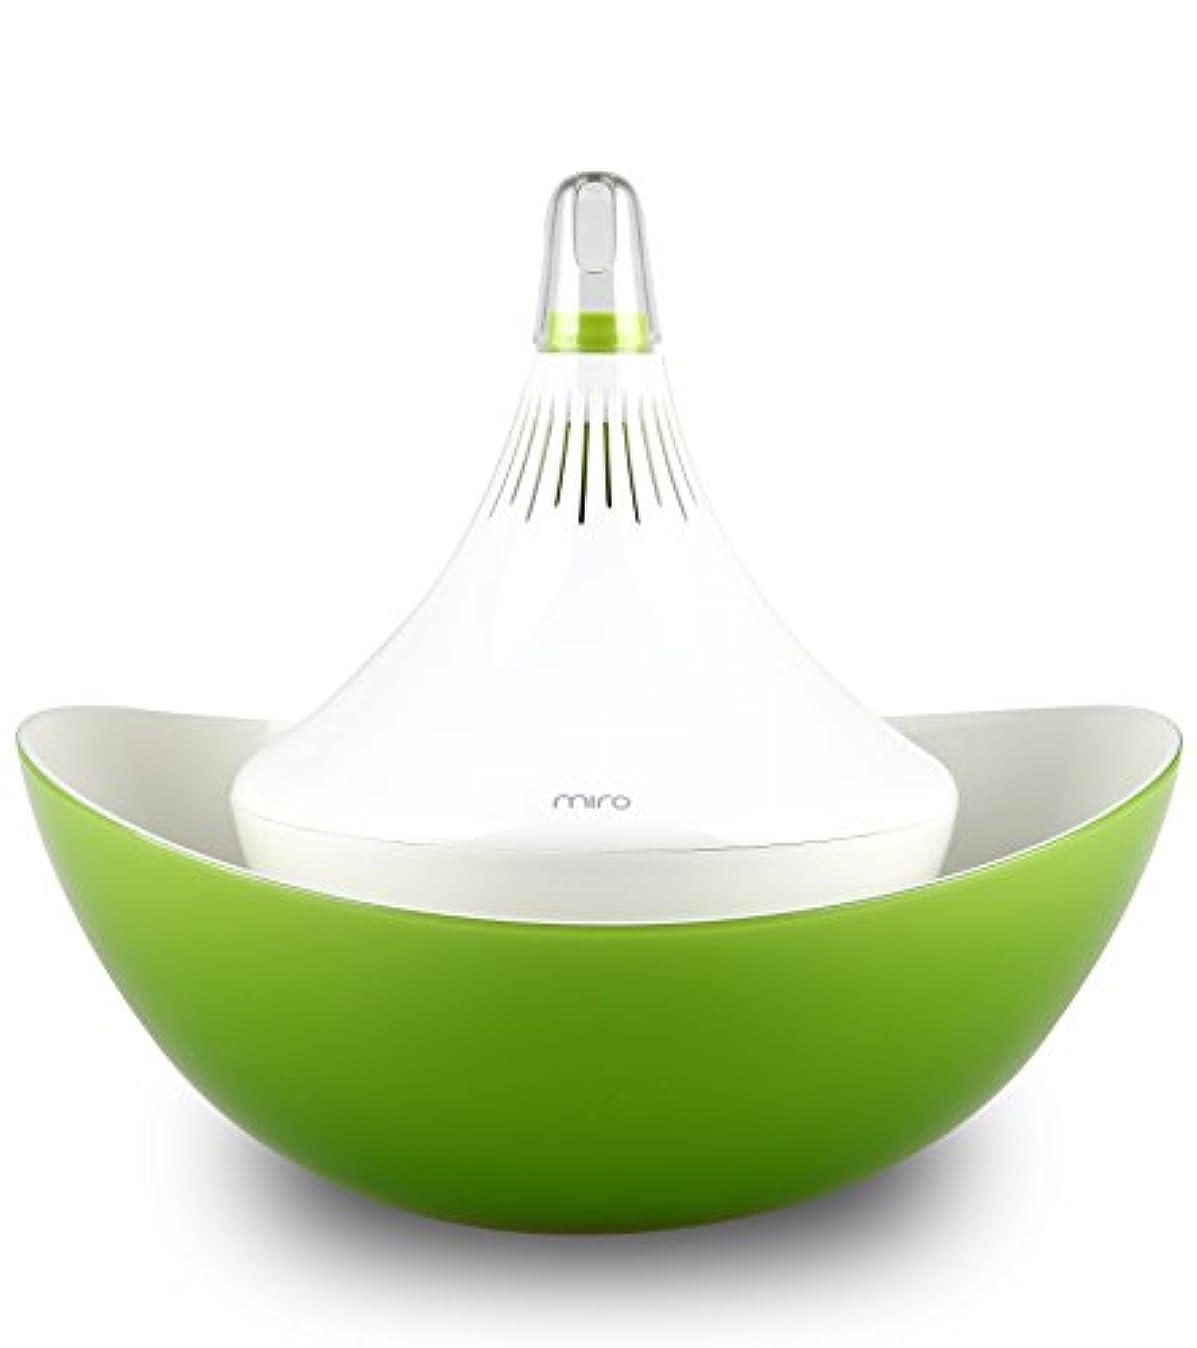 家庭わかる詳細なMiro CleanPot Cool-Mist Humidifier and Aroma Oil Diffuser - (Bowl included) by Miro